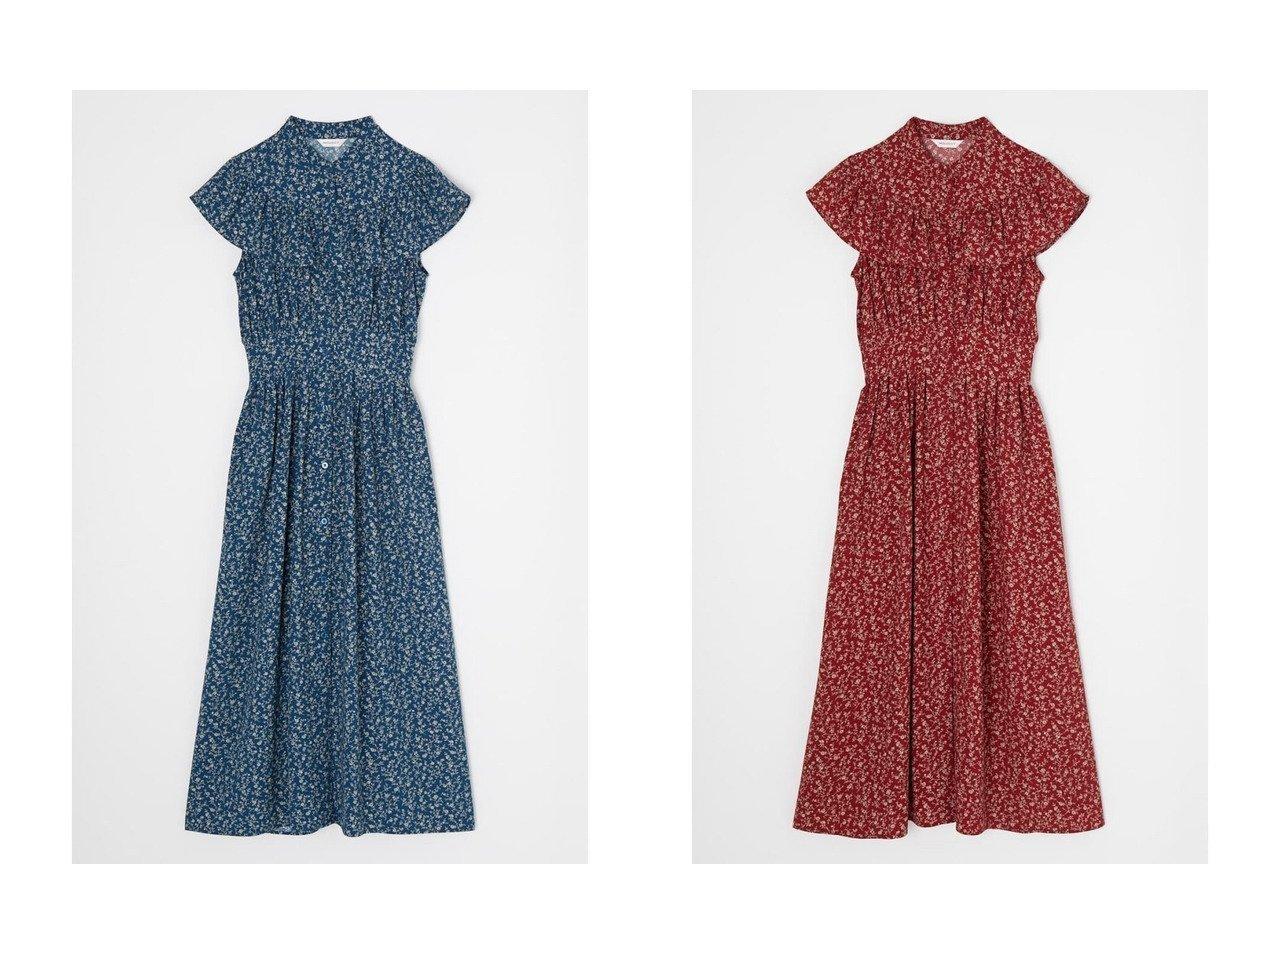 【moussy/マウジー】のWAIST TUCK RUFFLE ドレス おすすめ!人気、トレンド・レディースファッションの通販 おすすめで人気の流行・トレンド、ファッションの通販商品 インテリア・家具・メンズファッション・キッズファッション・レディースファッション・服の通販 founy(ファニー) https://founy.com/ ファッション Fashion レディースファッション WOMEN ワンピース Dress ドレス Party Dresses マキシワンピース Maxi Dress ドレス ノースリーブ フリル マキシ ラウンド ロング 秋 Autumn/Fall |ID:crp329100000060777